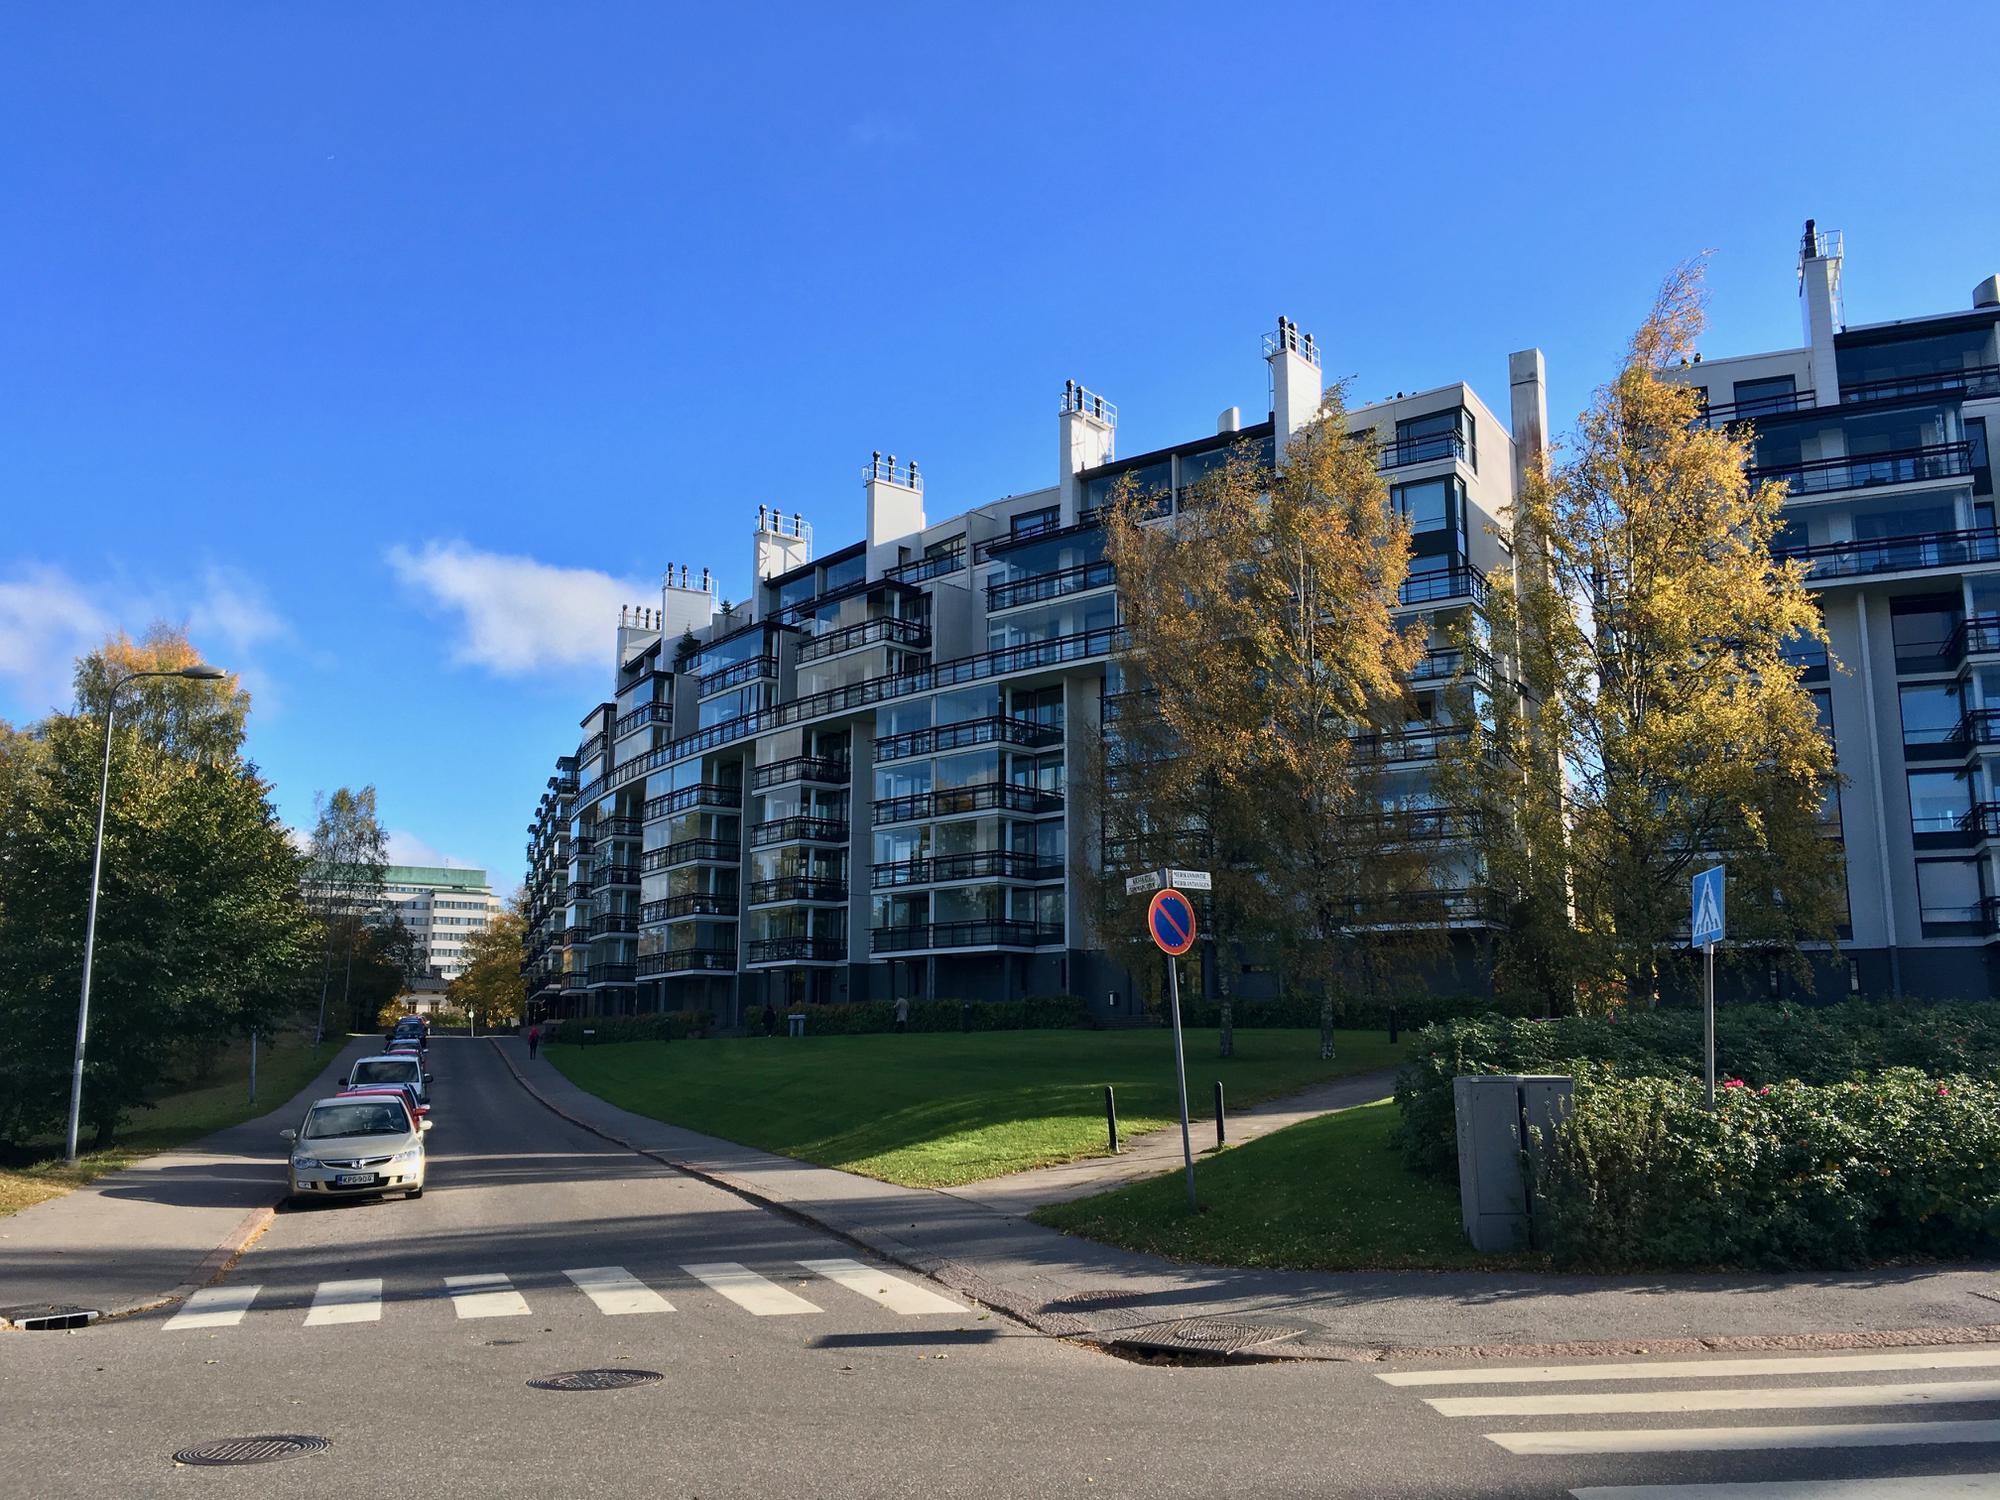 🇫🇮 Хельсинки, Финляндия, октябрь 2016.